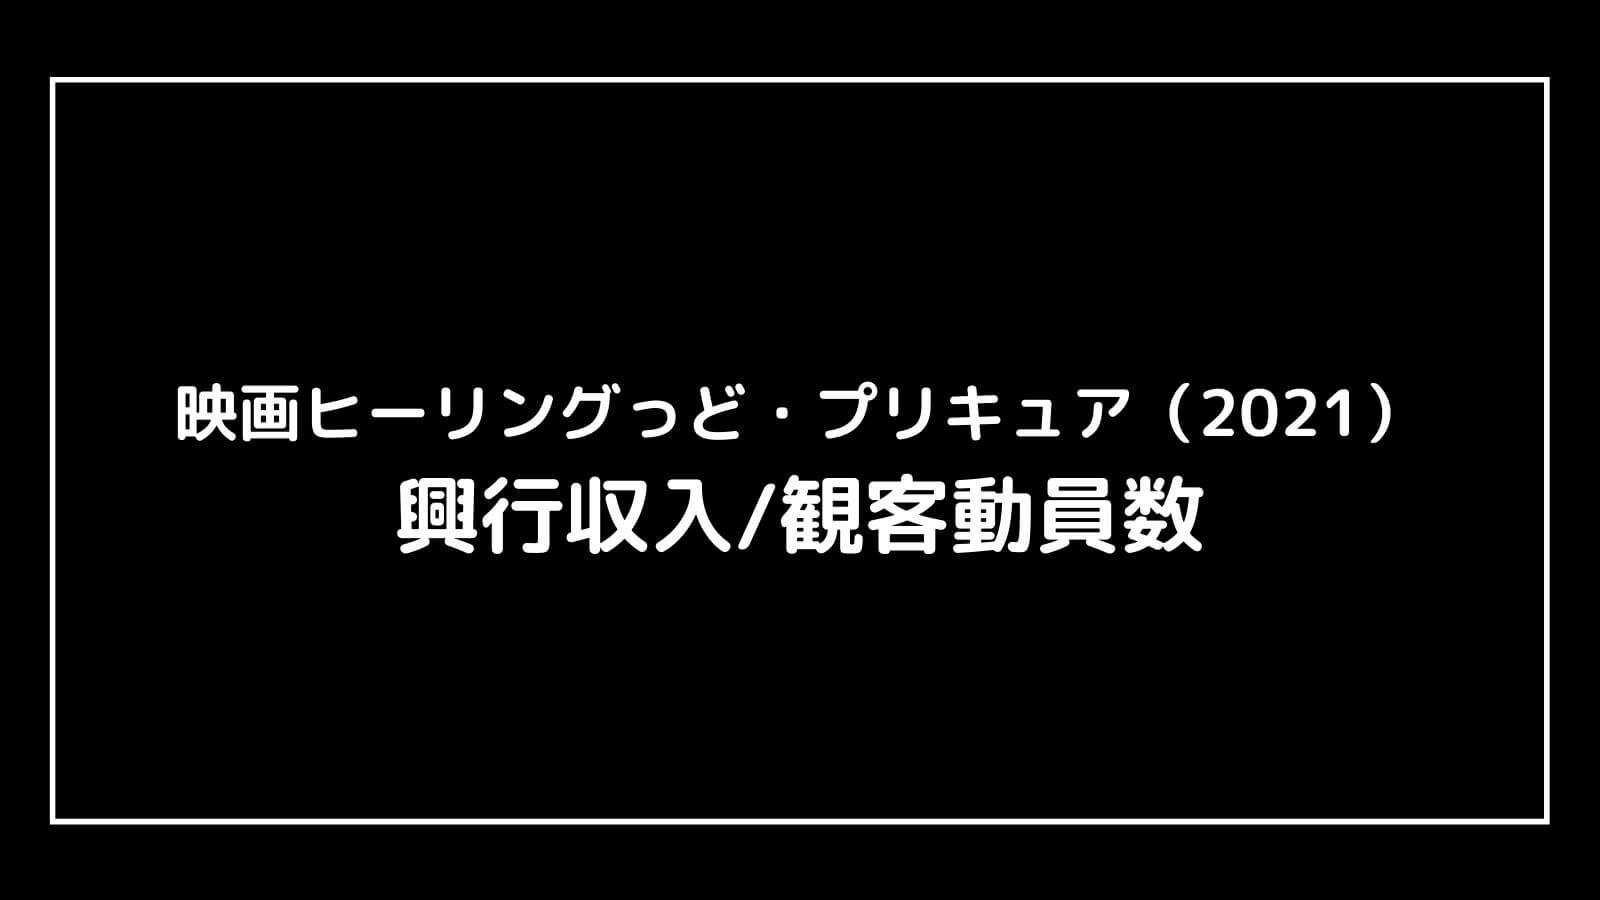 『映画ヒーリングっど・プリキュア2021』現在の興行収入推移と最終興収を元映画館社員が予想